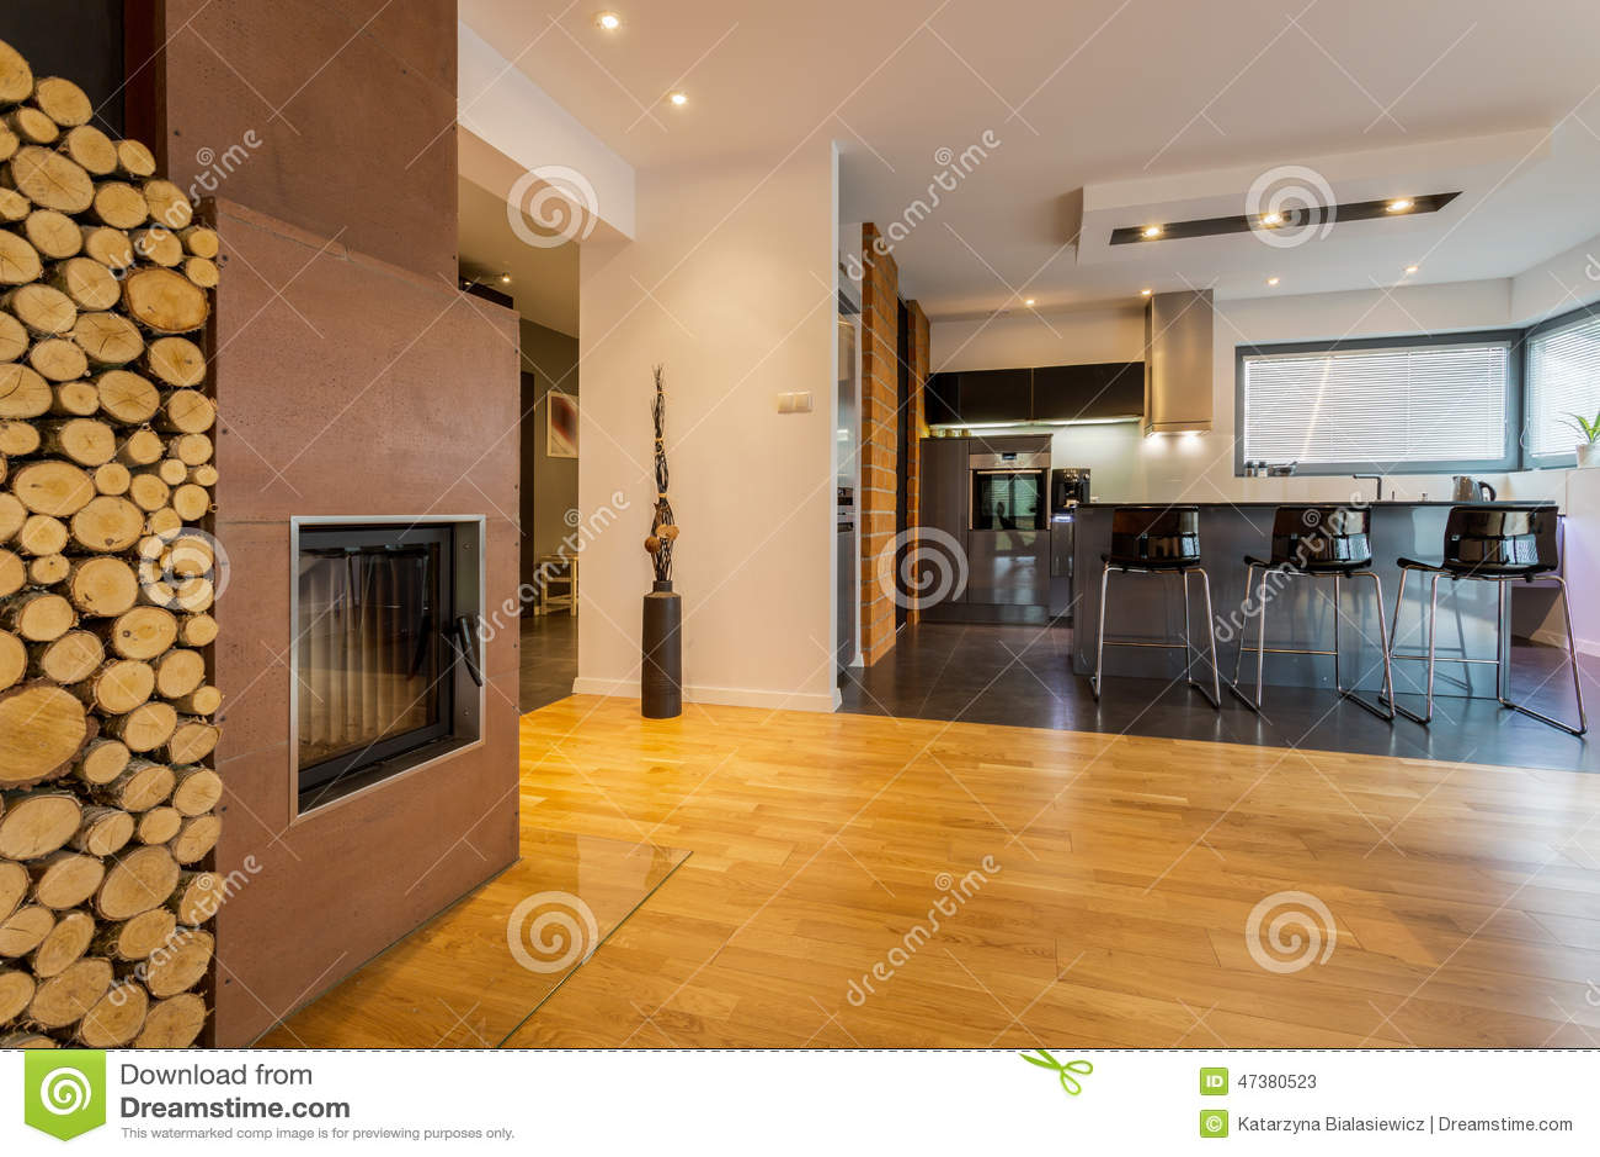 Cucina e salotto moderni fotografia stock immagine 47380523 - Cucina e salotto ...